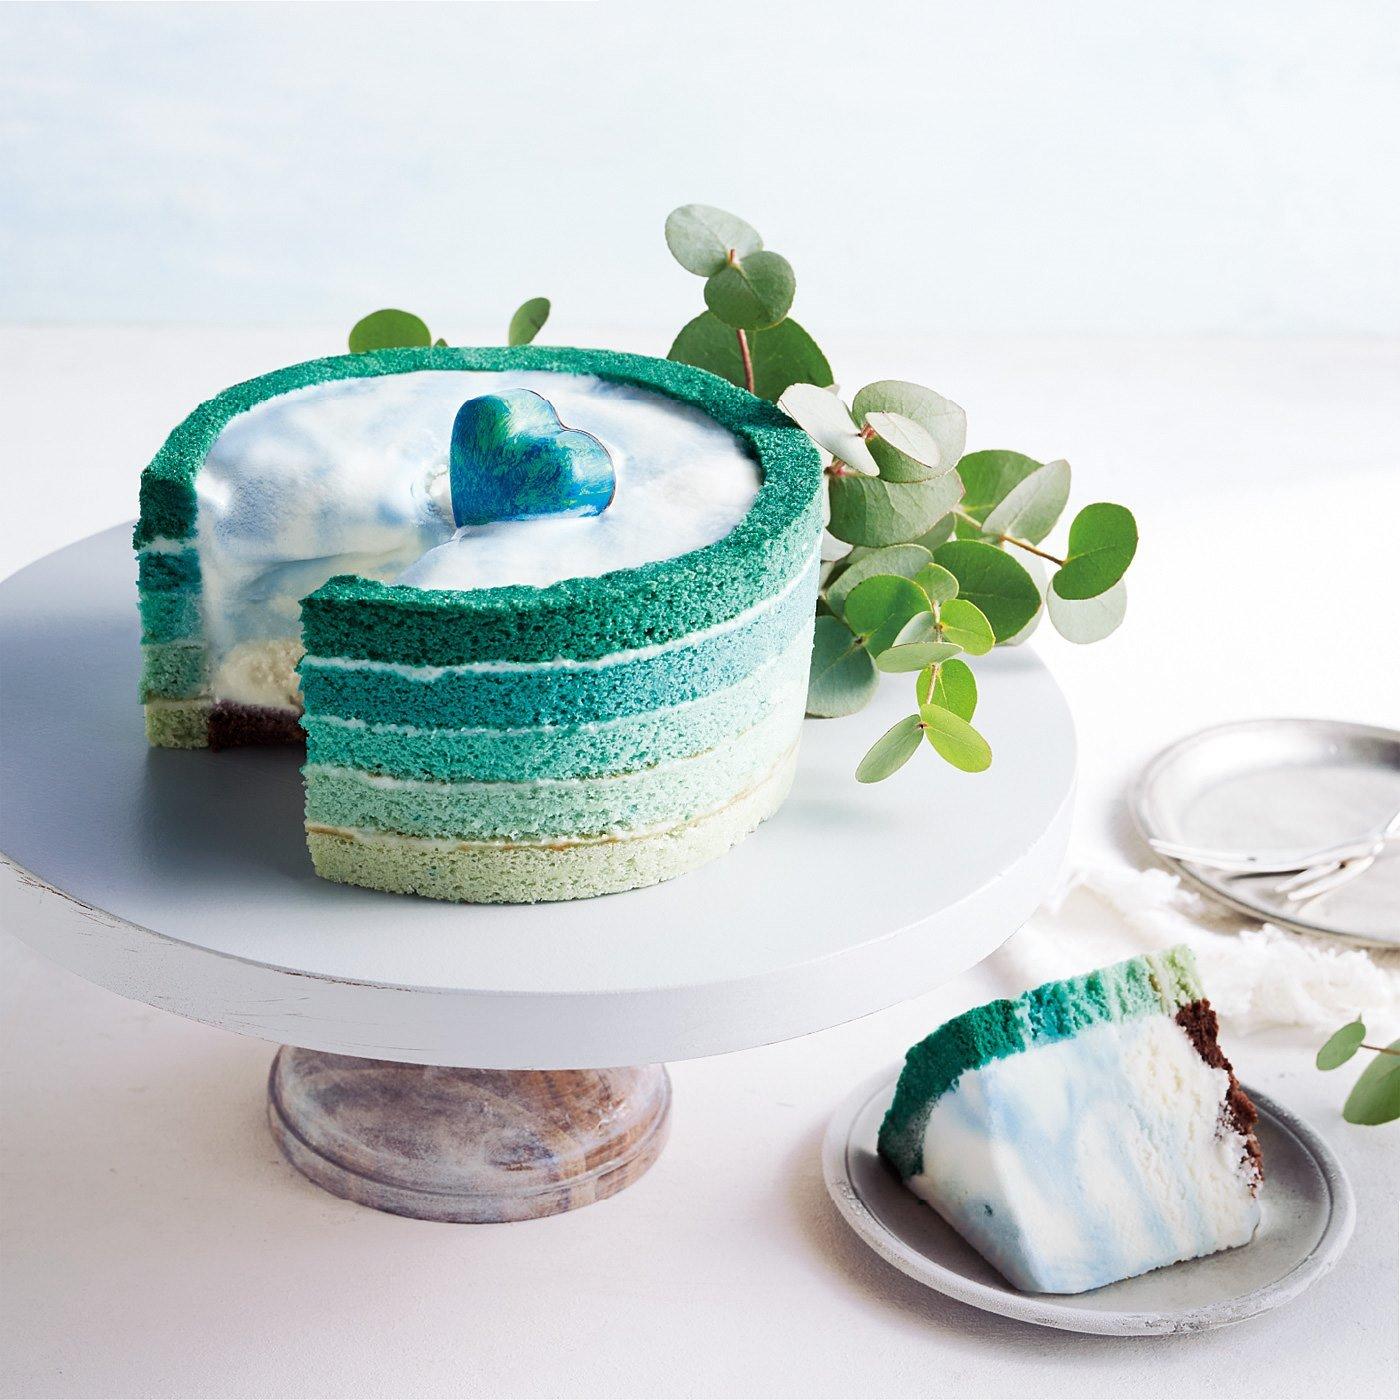 【7月便】スロベニア ベリシュカの青の泉のアイスケーキ